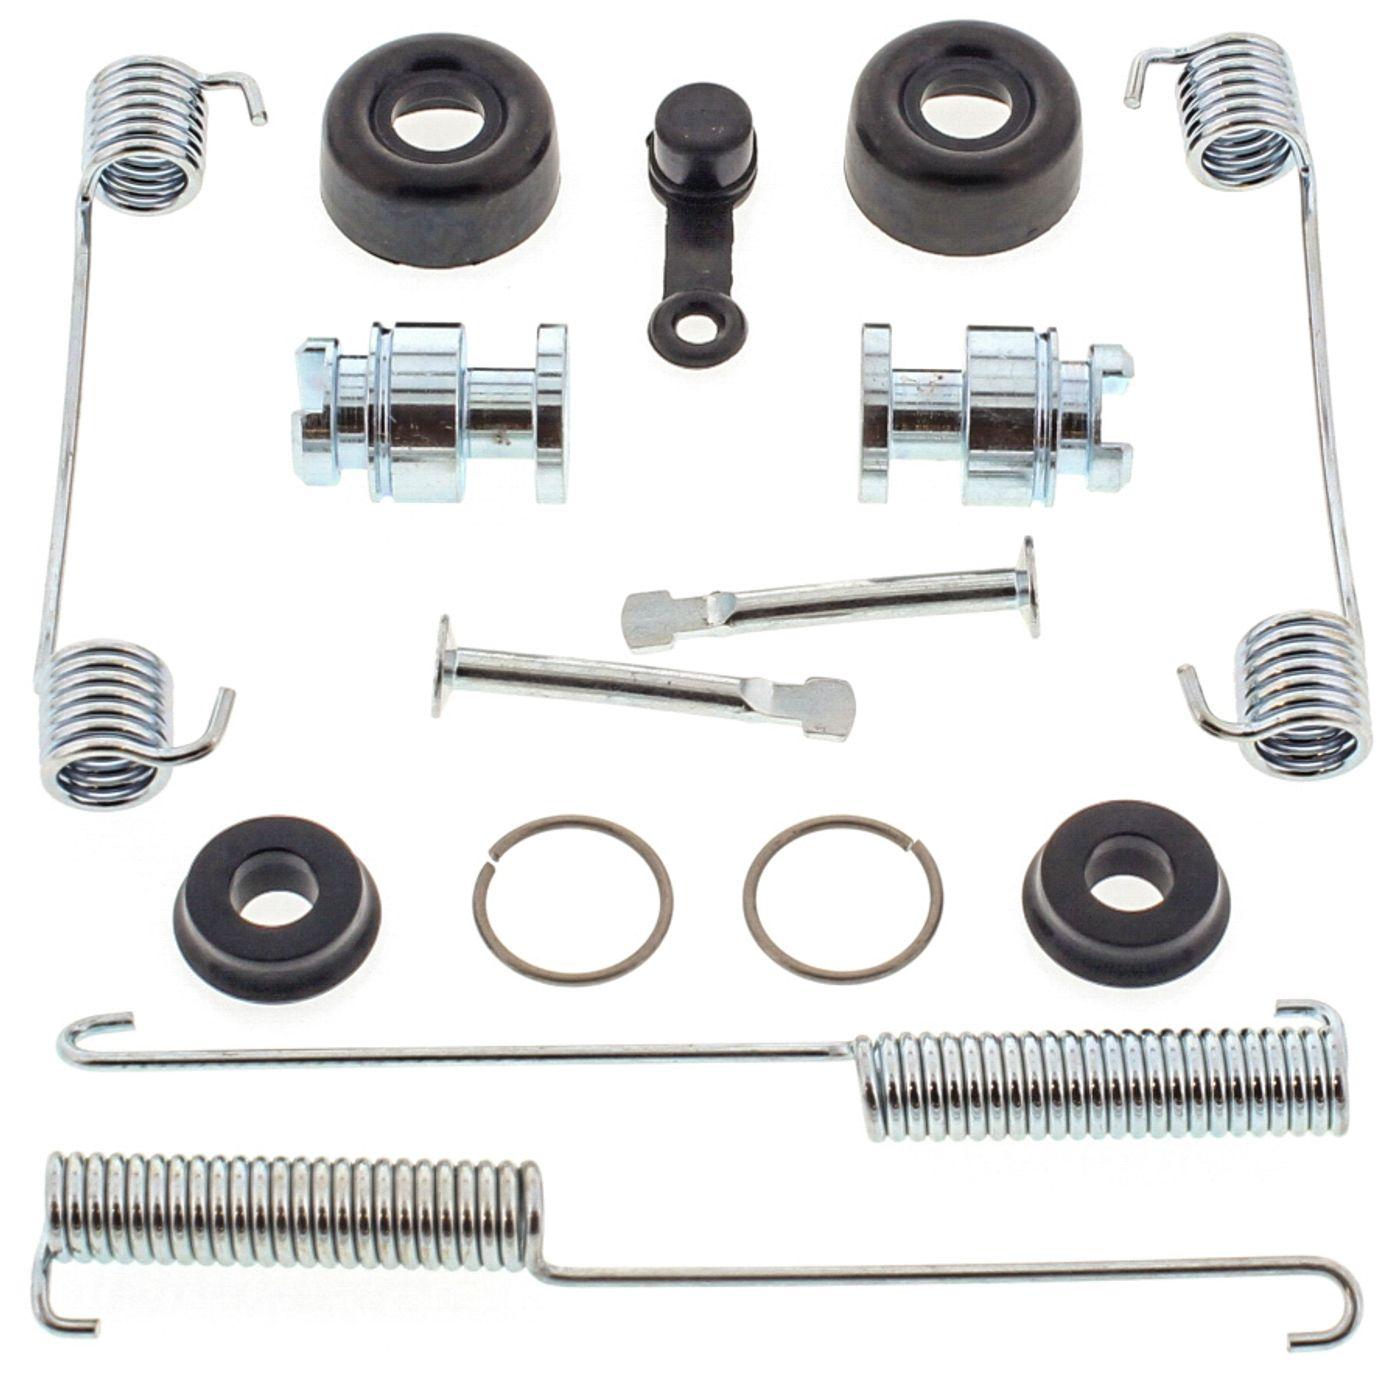 Wrp Wheel Cylinder Rebuild Kit - WRP185002 image